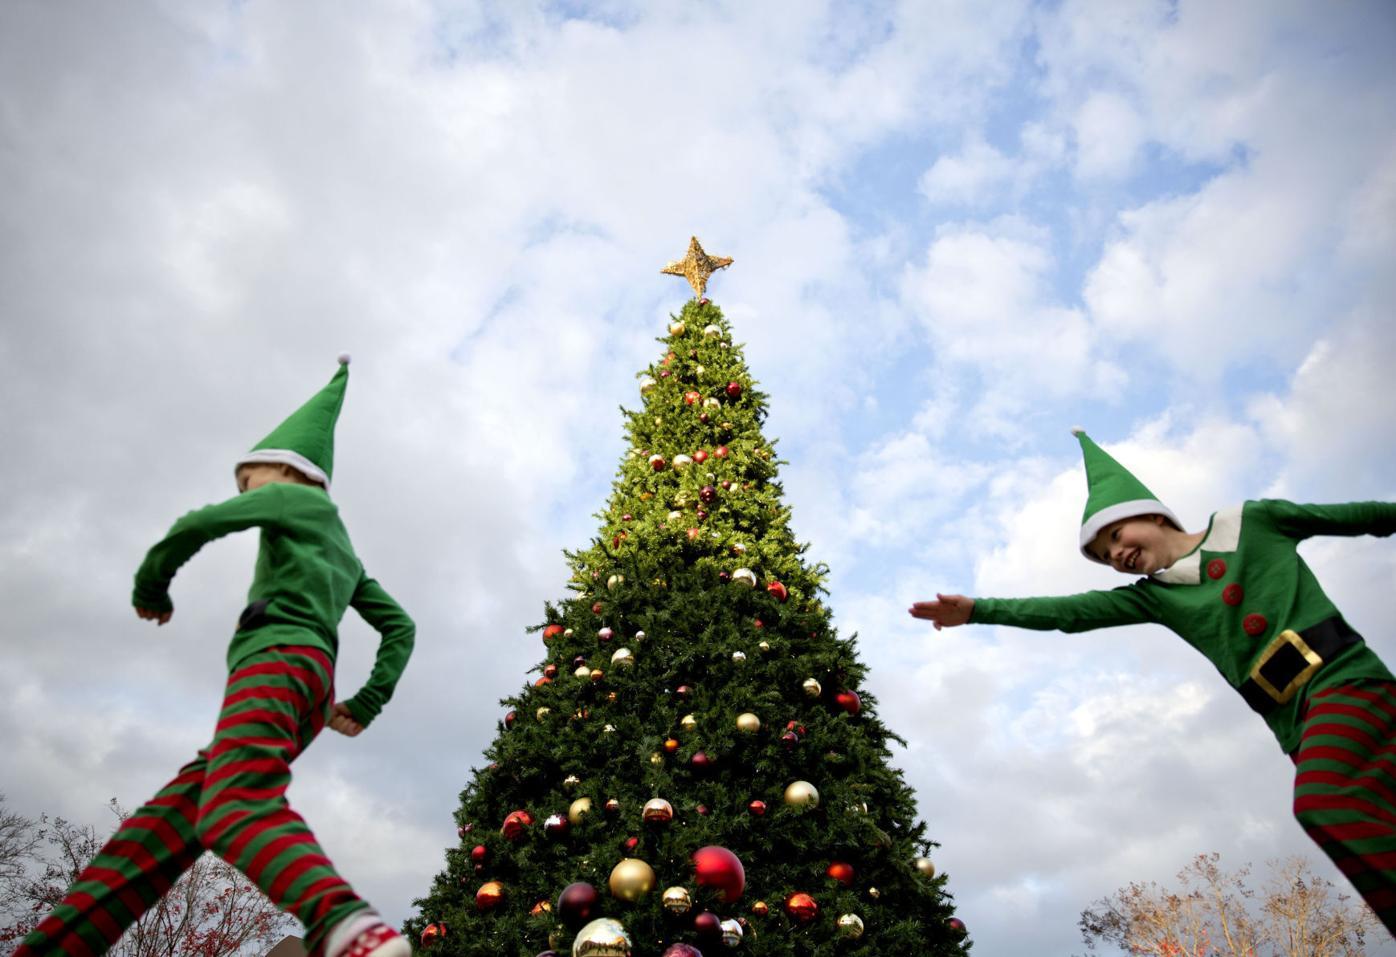 Rethinking The Holidays